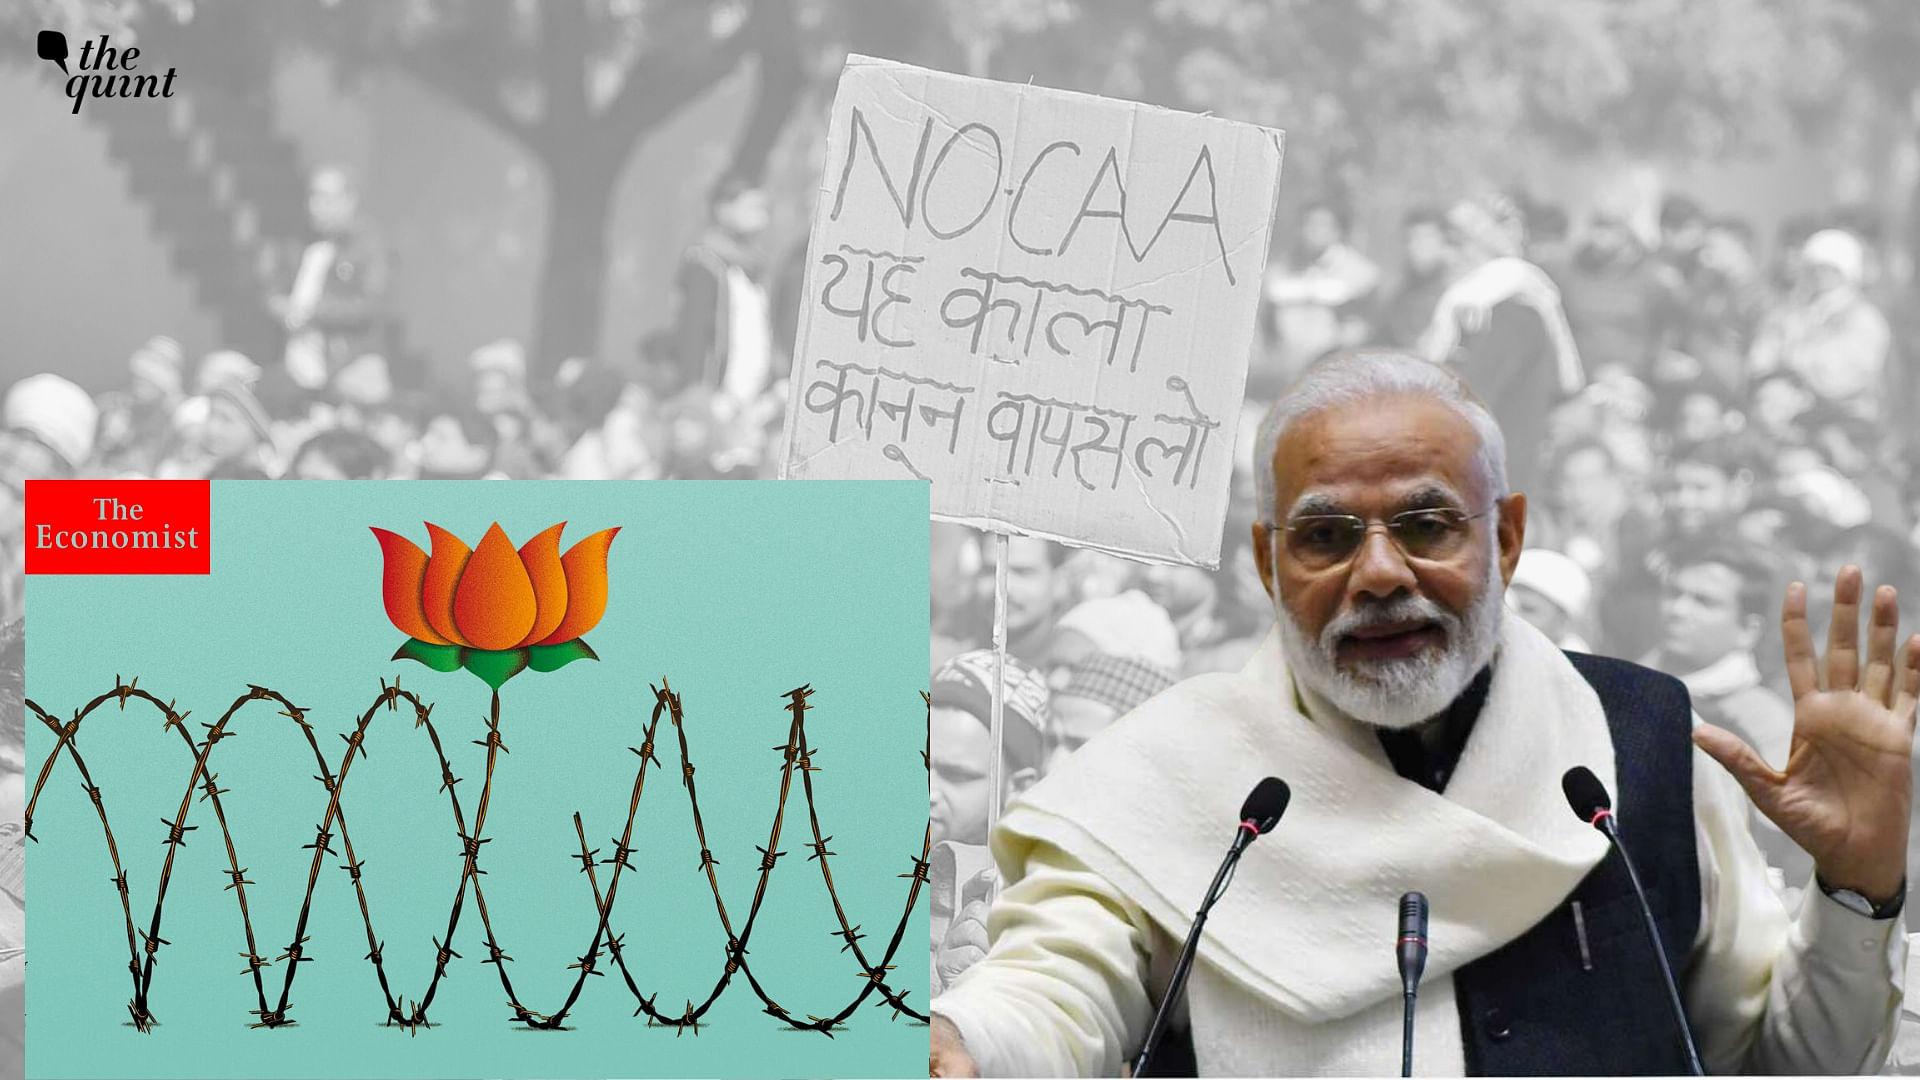 'BJP's Poll Tactics a Political Poison': The Economist on CAA, NRC